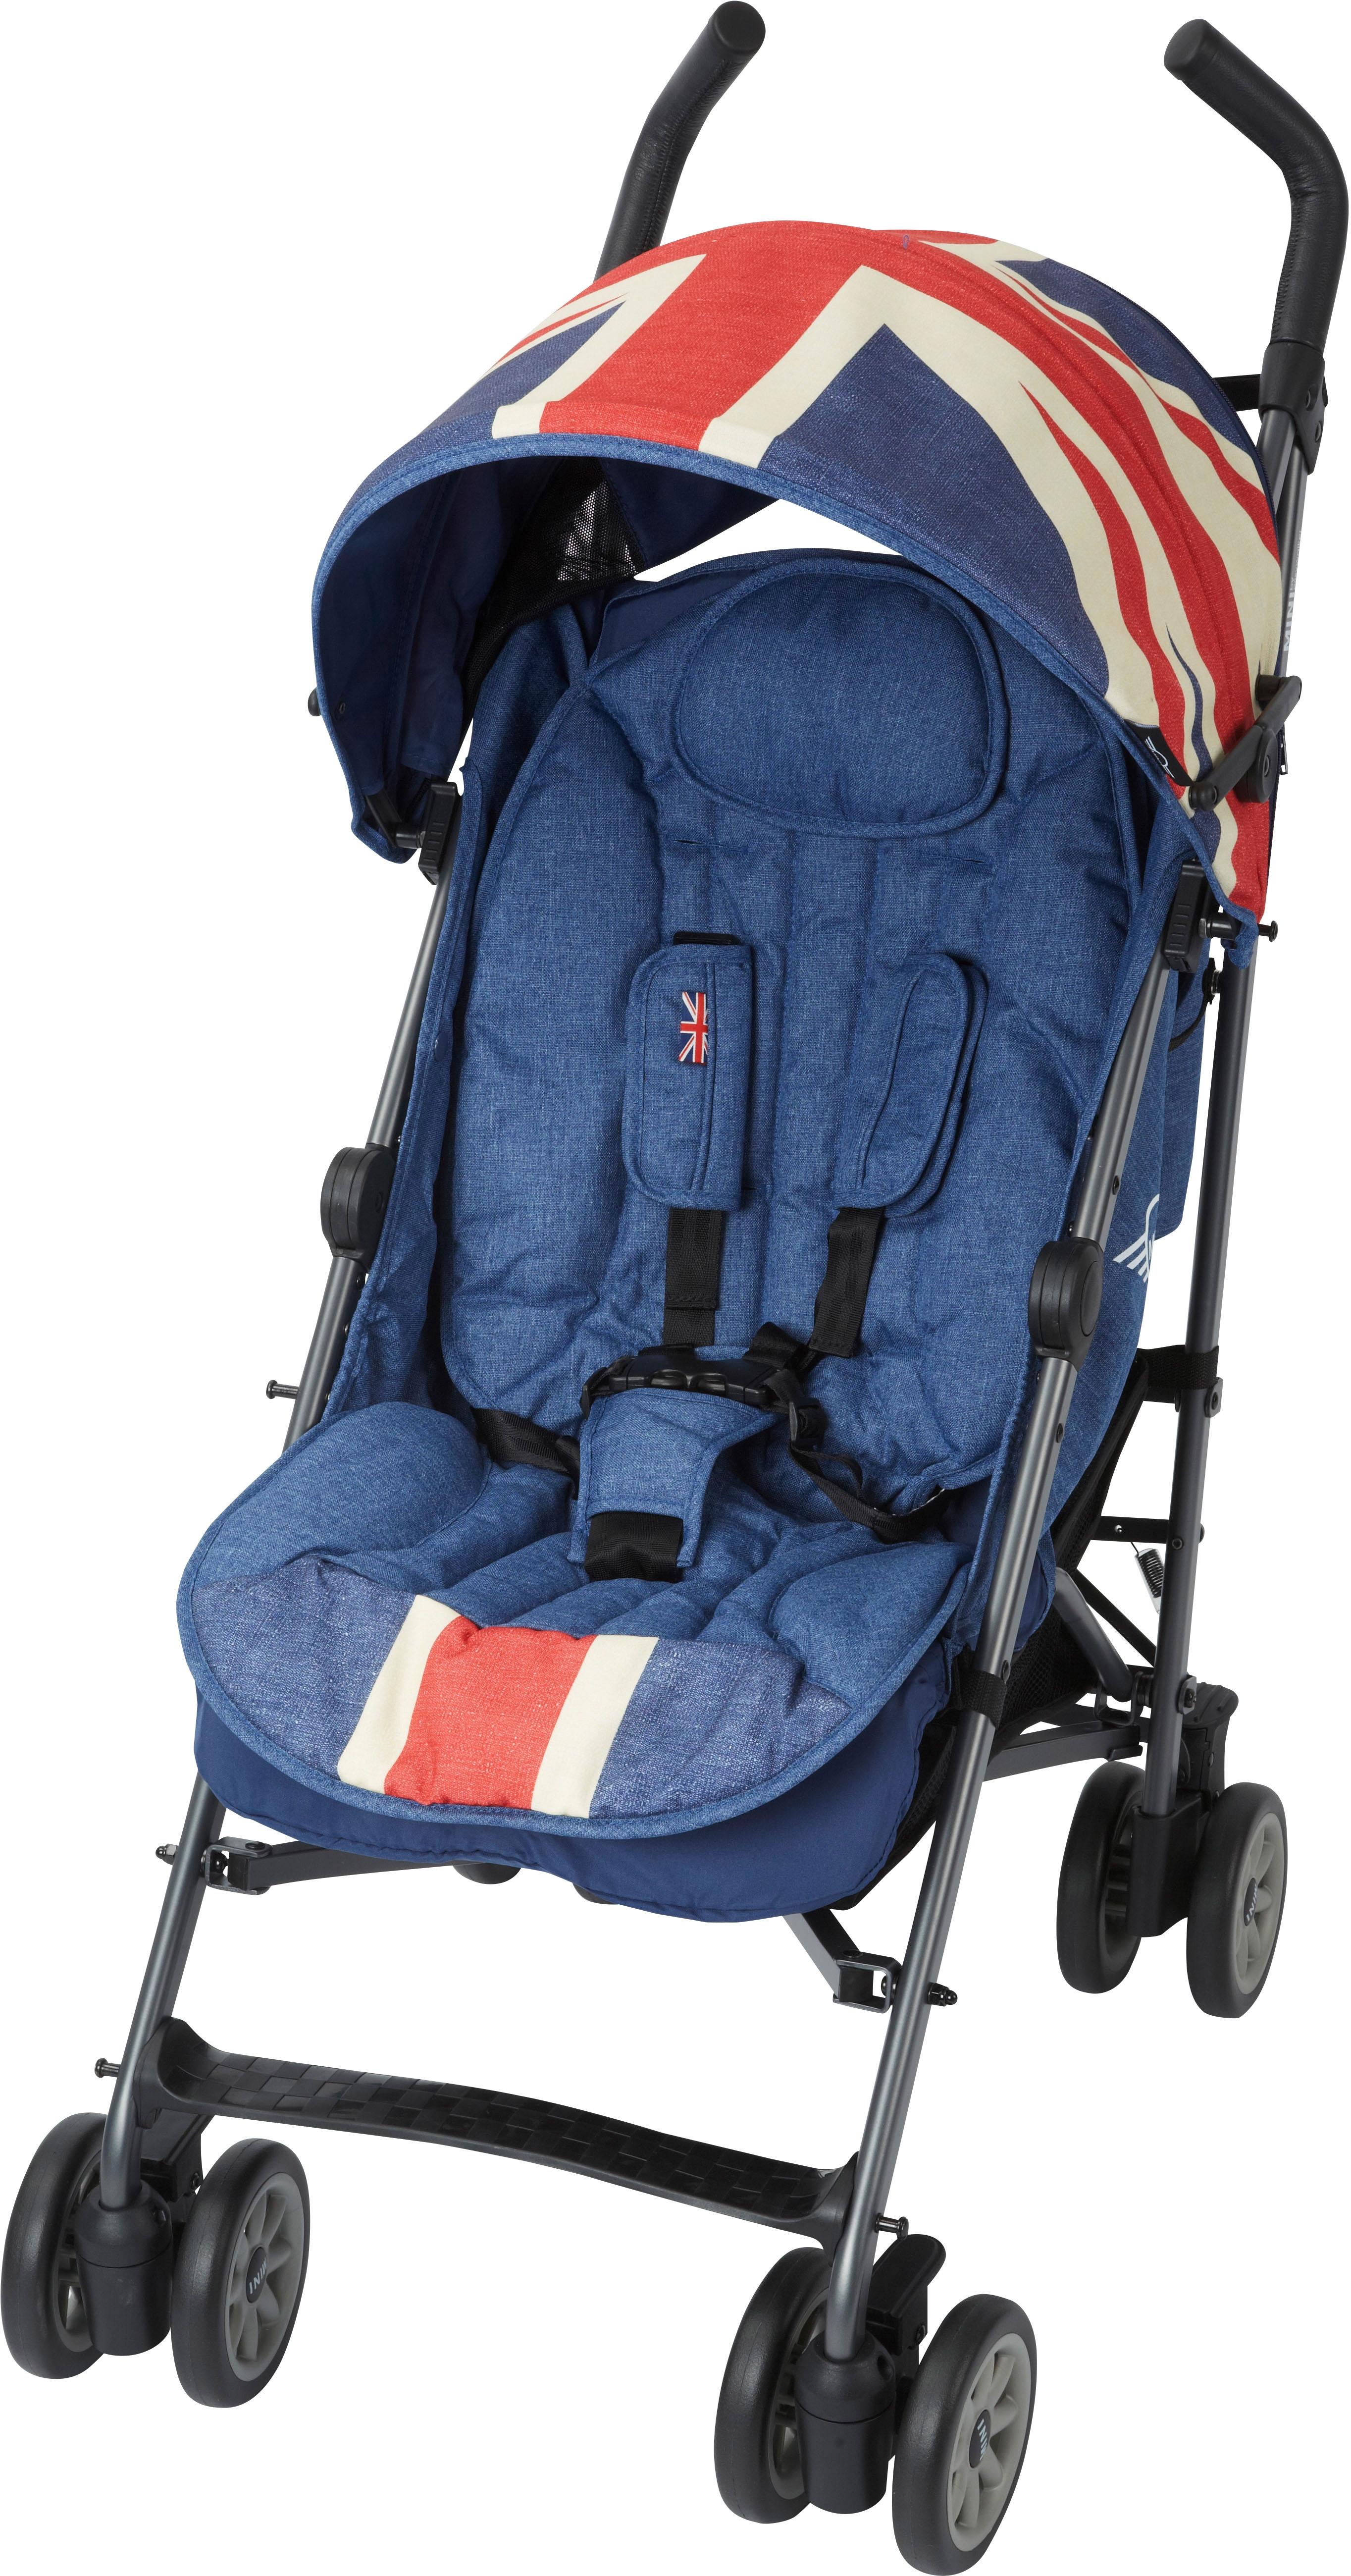 An lisis de easywalker mini buggy comparador de sillas de paseo ocu - Mejor silla de paseo ocu ...